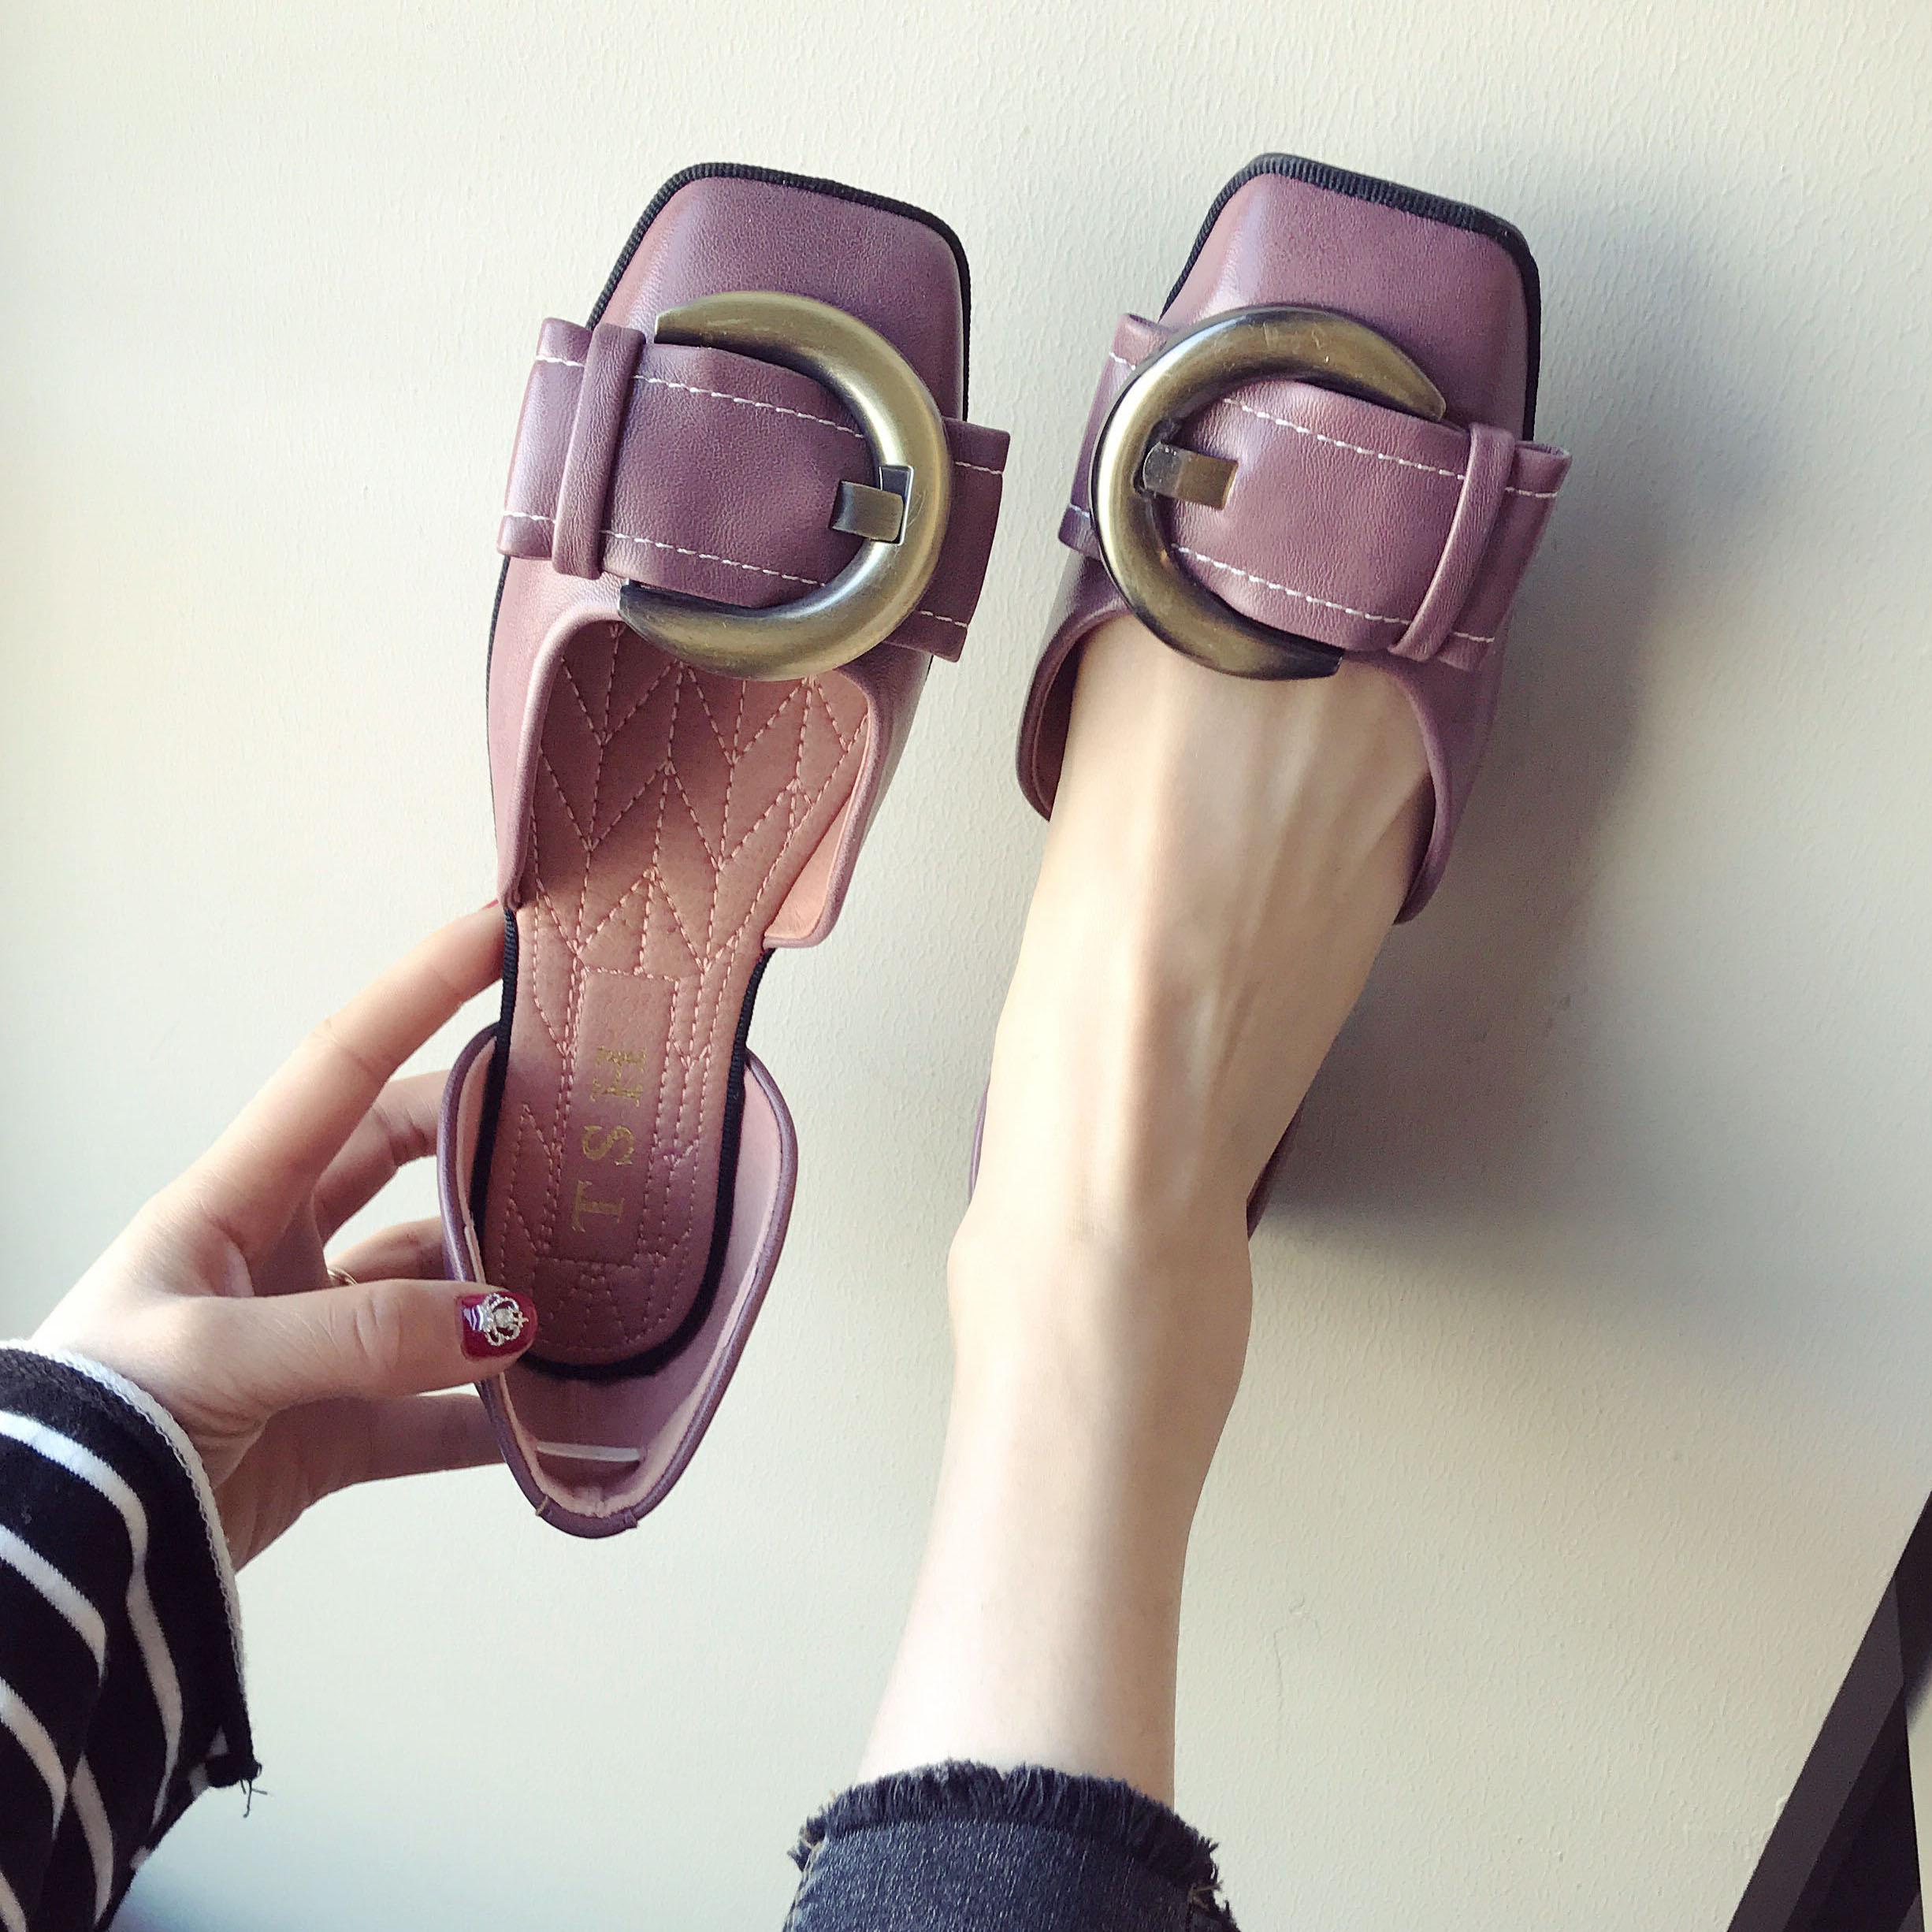 紫色单鞋 超软超舒适中空方头单鞋女浅口鞋紫色大女鞋欧美大牌2018新款瓢鞋_推荐淘宝好看的紫色单鞋